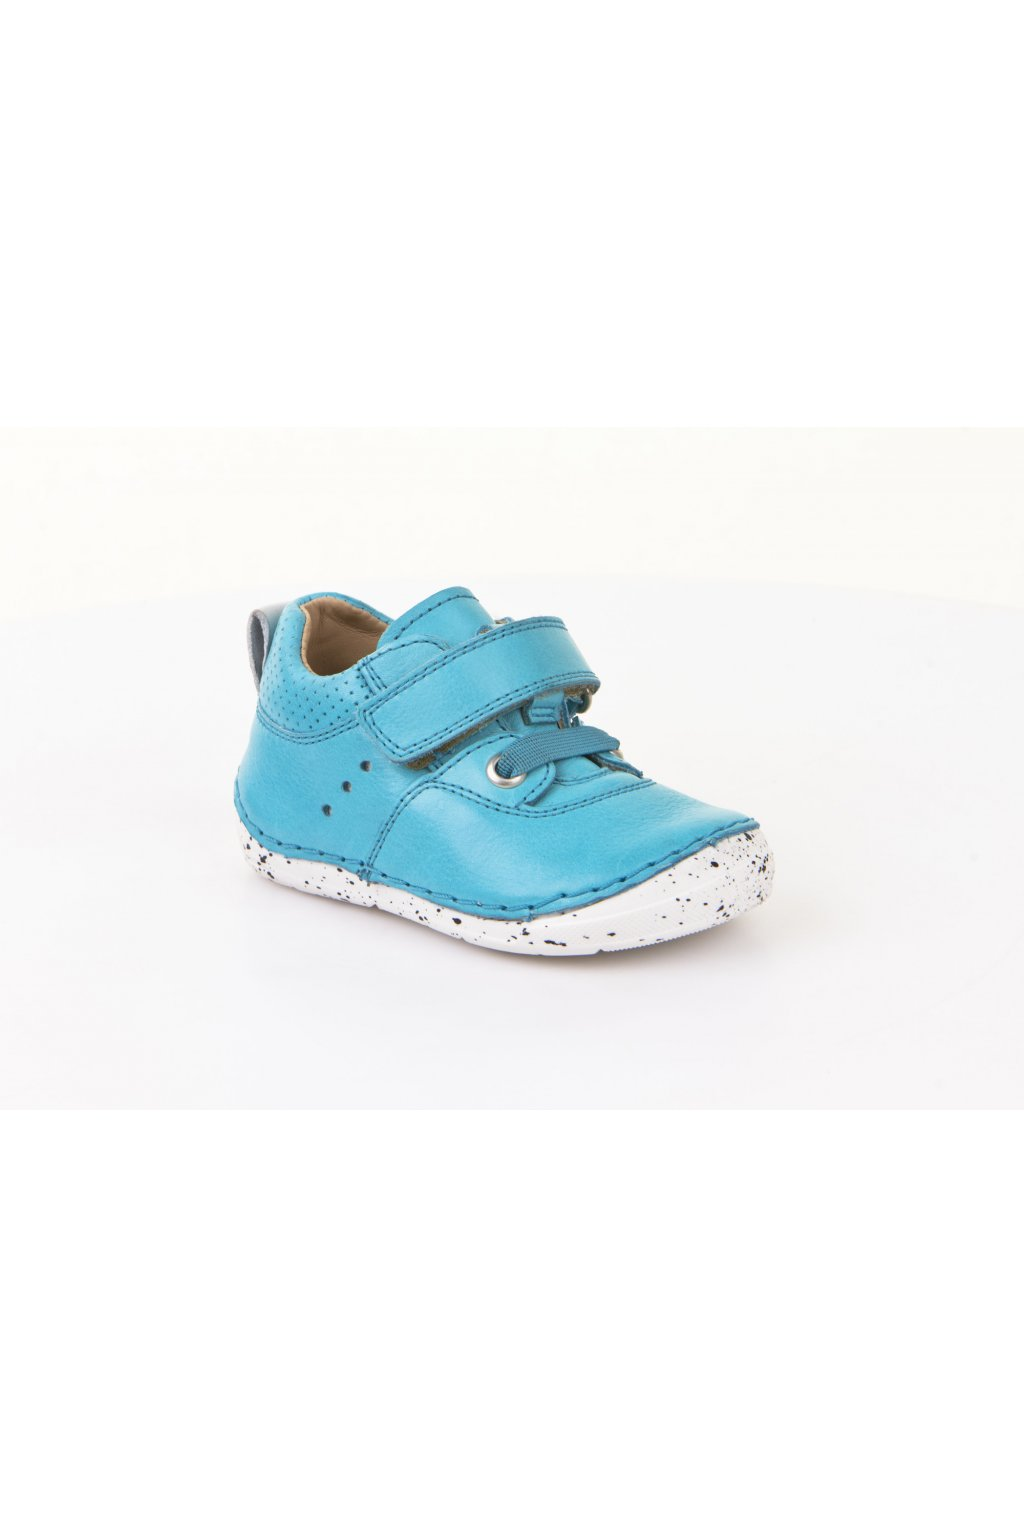 Froddo Shoes nízke - tyrkysové